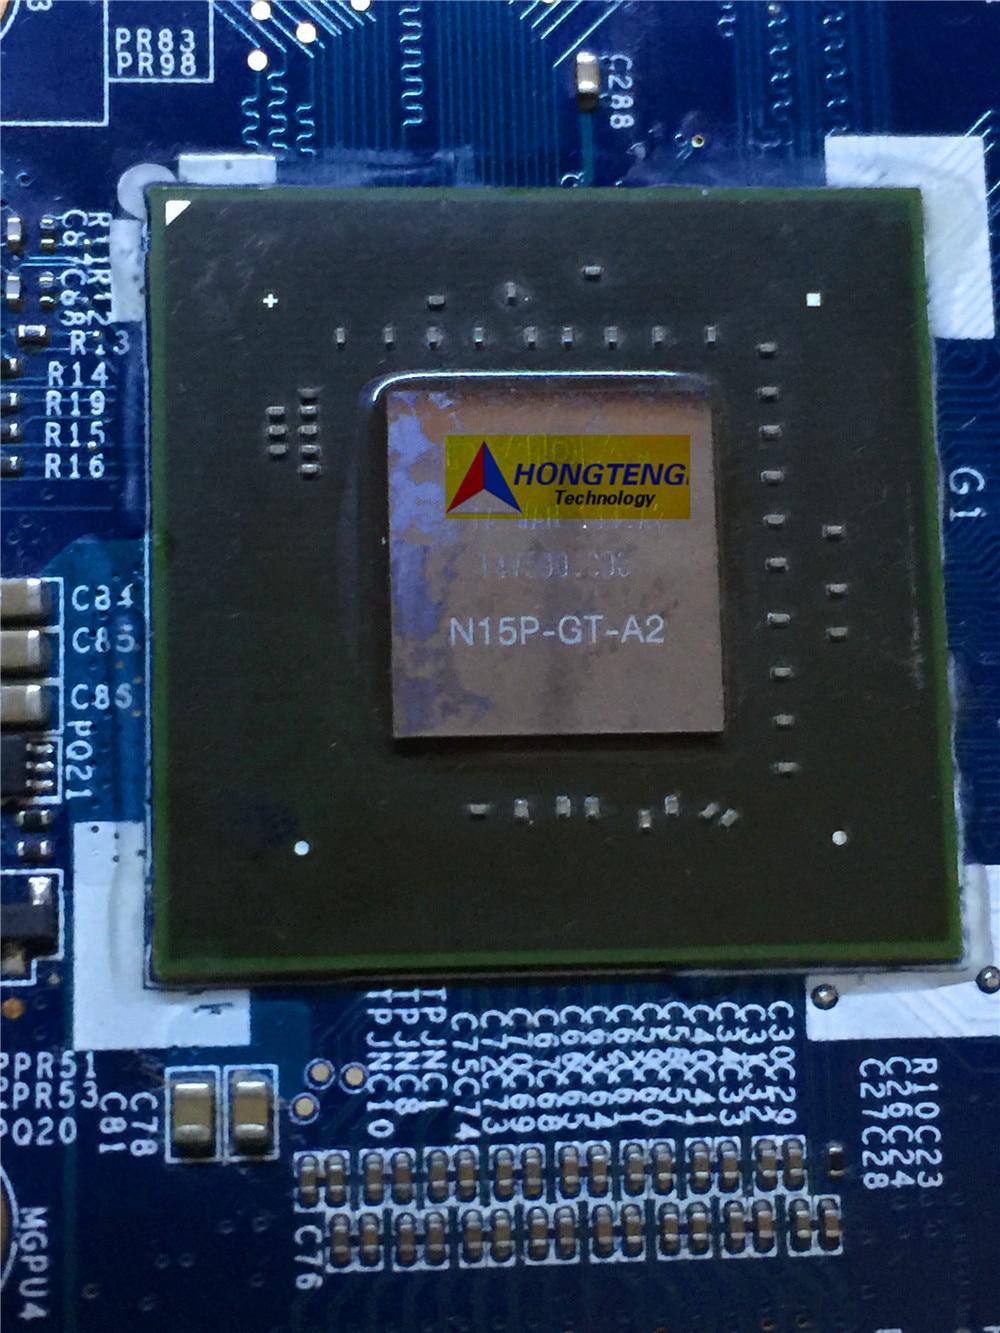 מזגנים MS-16H41 אמיתי עבור המחשב הנייד MSI GS60 02:00 MS-16H4 לוח אם עם I5-4200HQ המעבד GTX850M מבחן אישור (5)